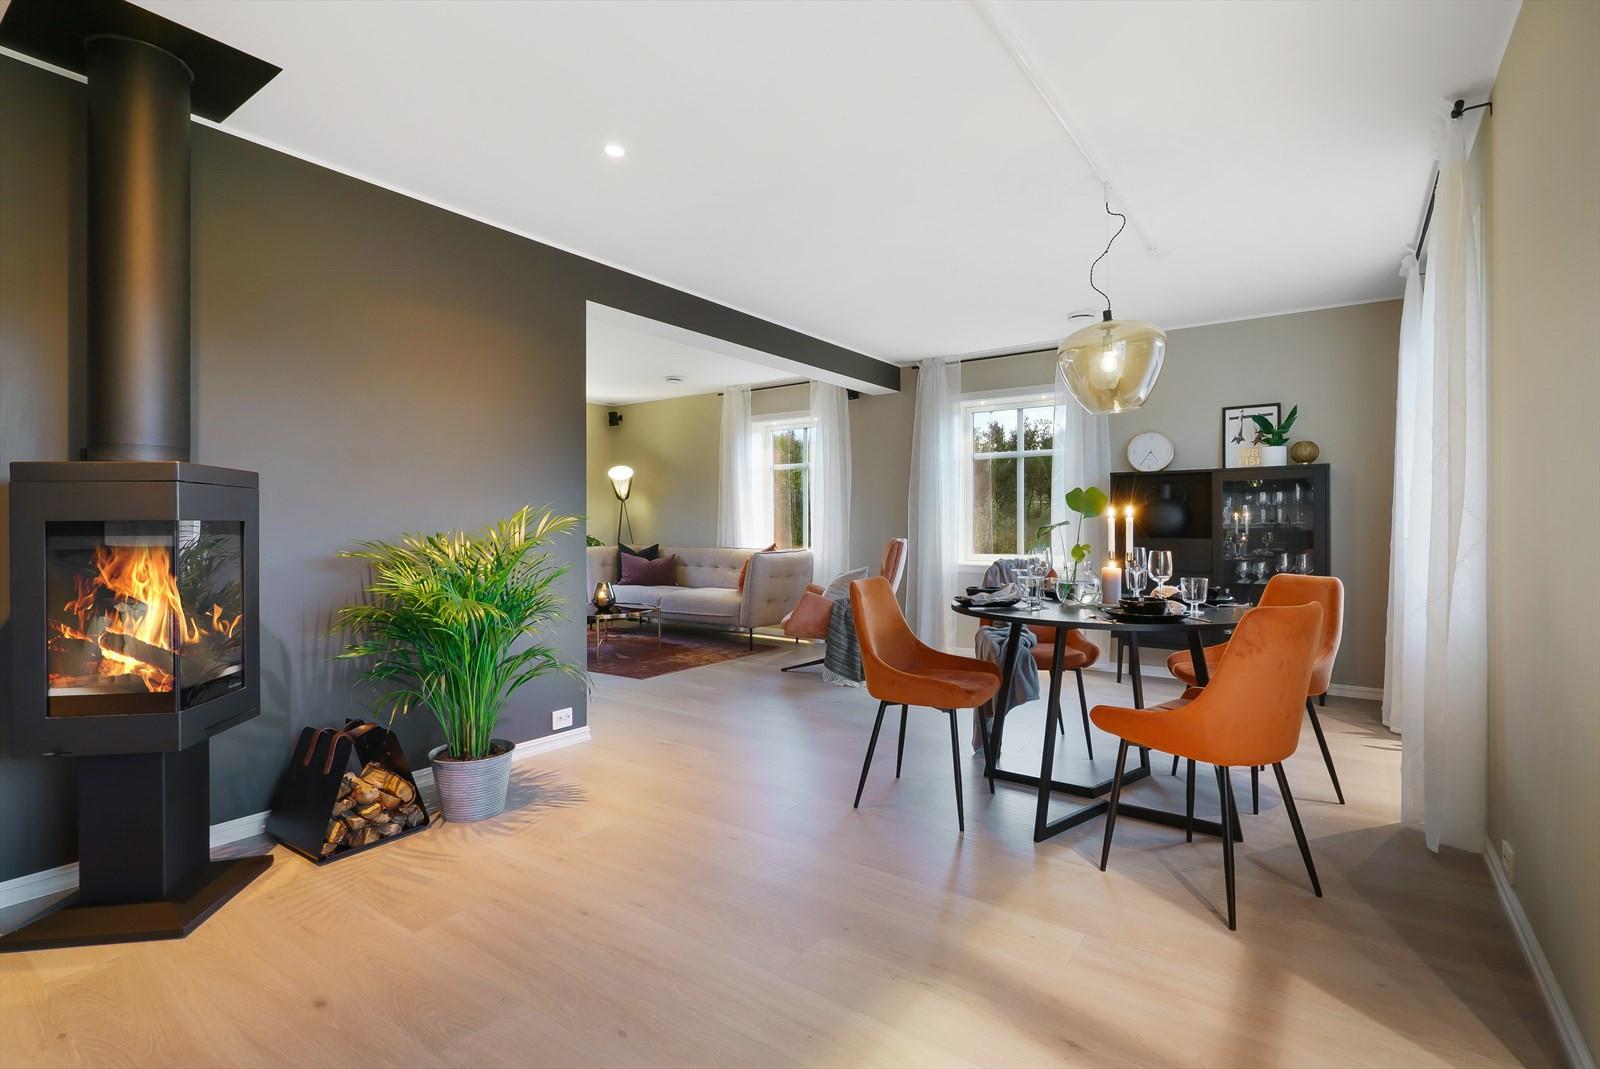 Alle gulv i boligen har vannbåren varme (unntatt vaskerom)